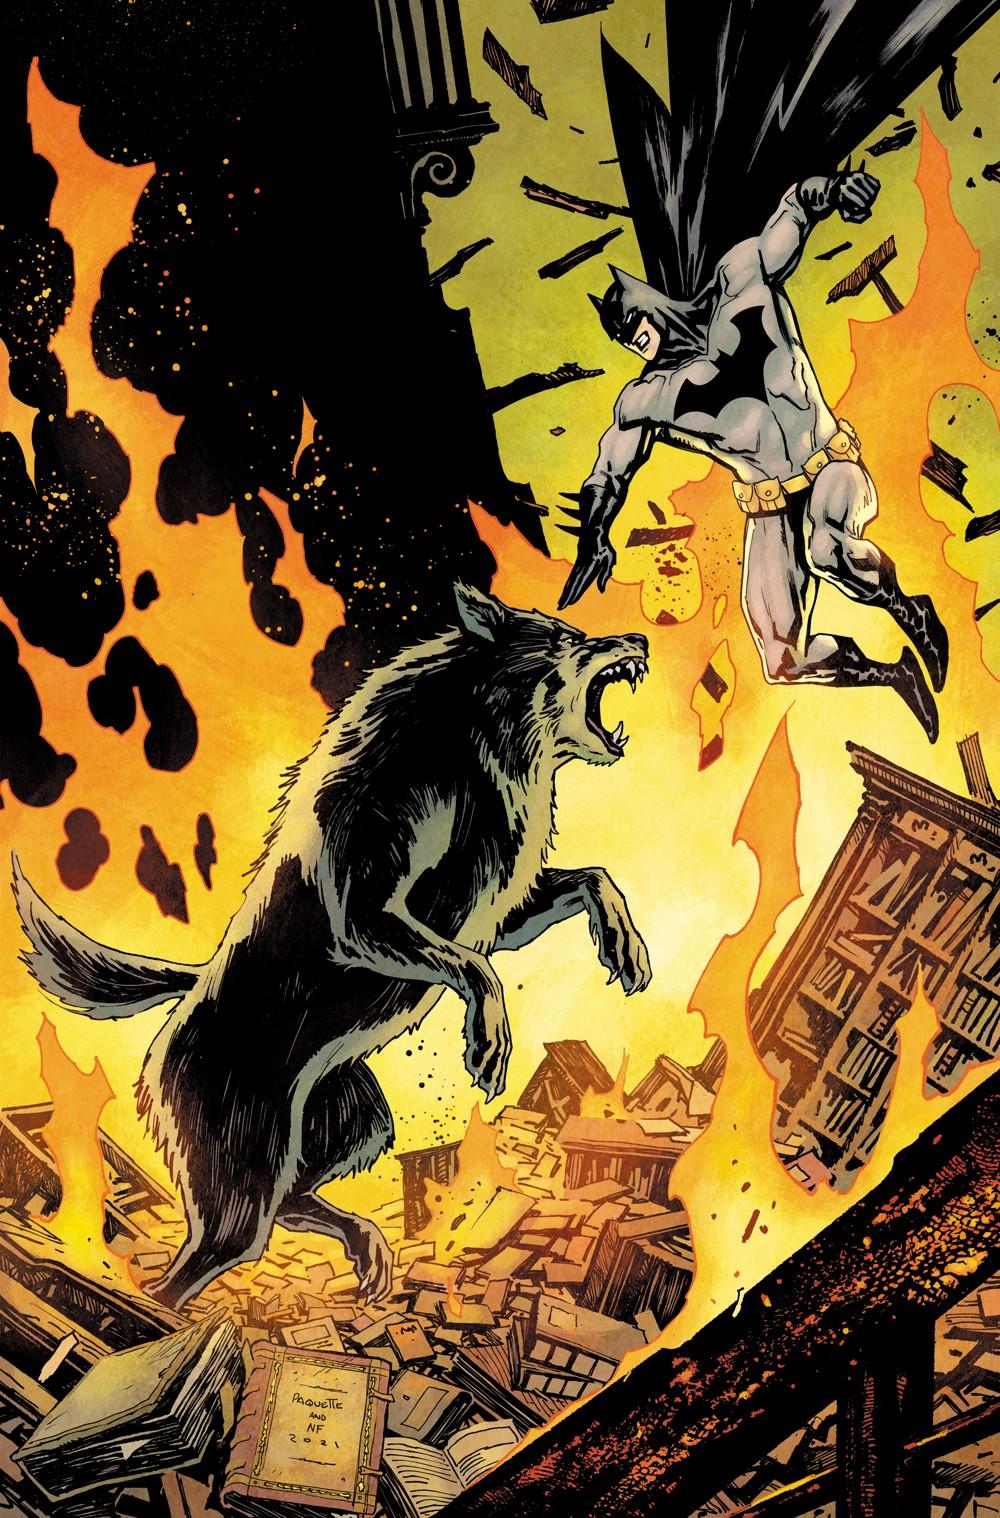 Batman_vs_BIGBY_Cv3 DC Comics November 2021 Solicitations